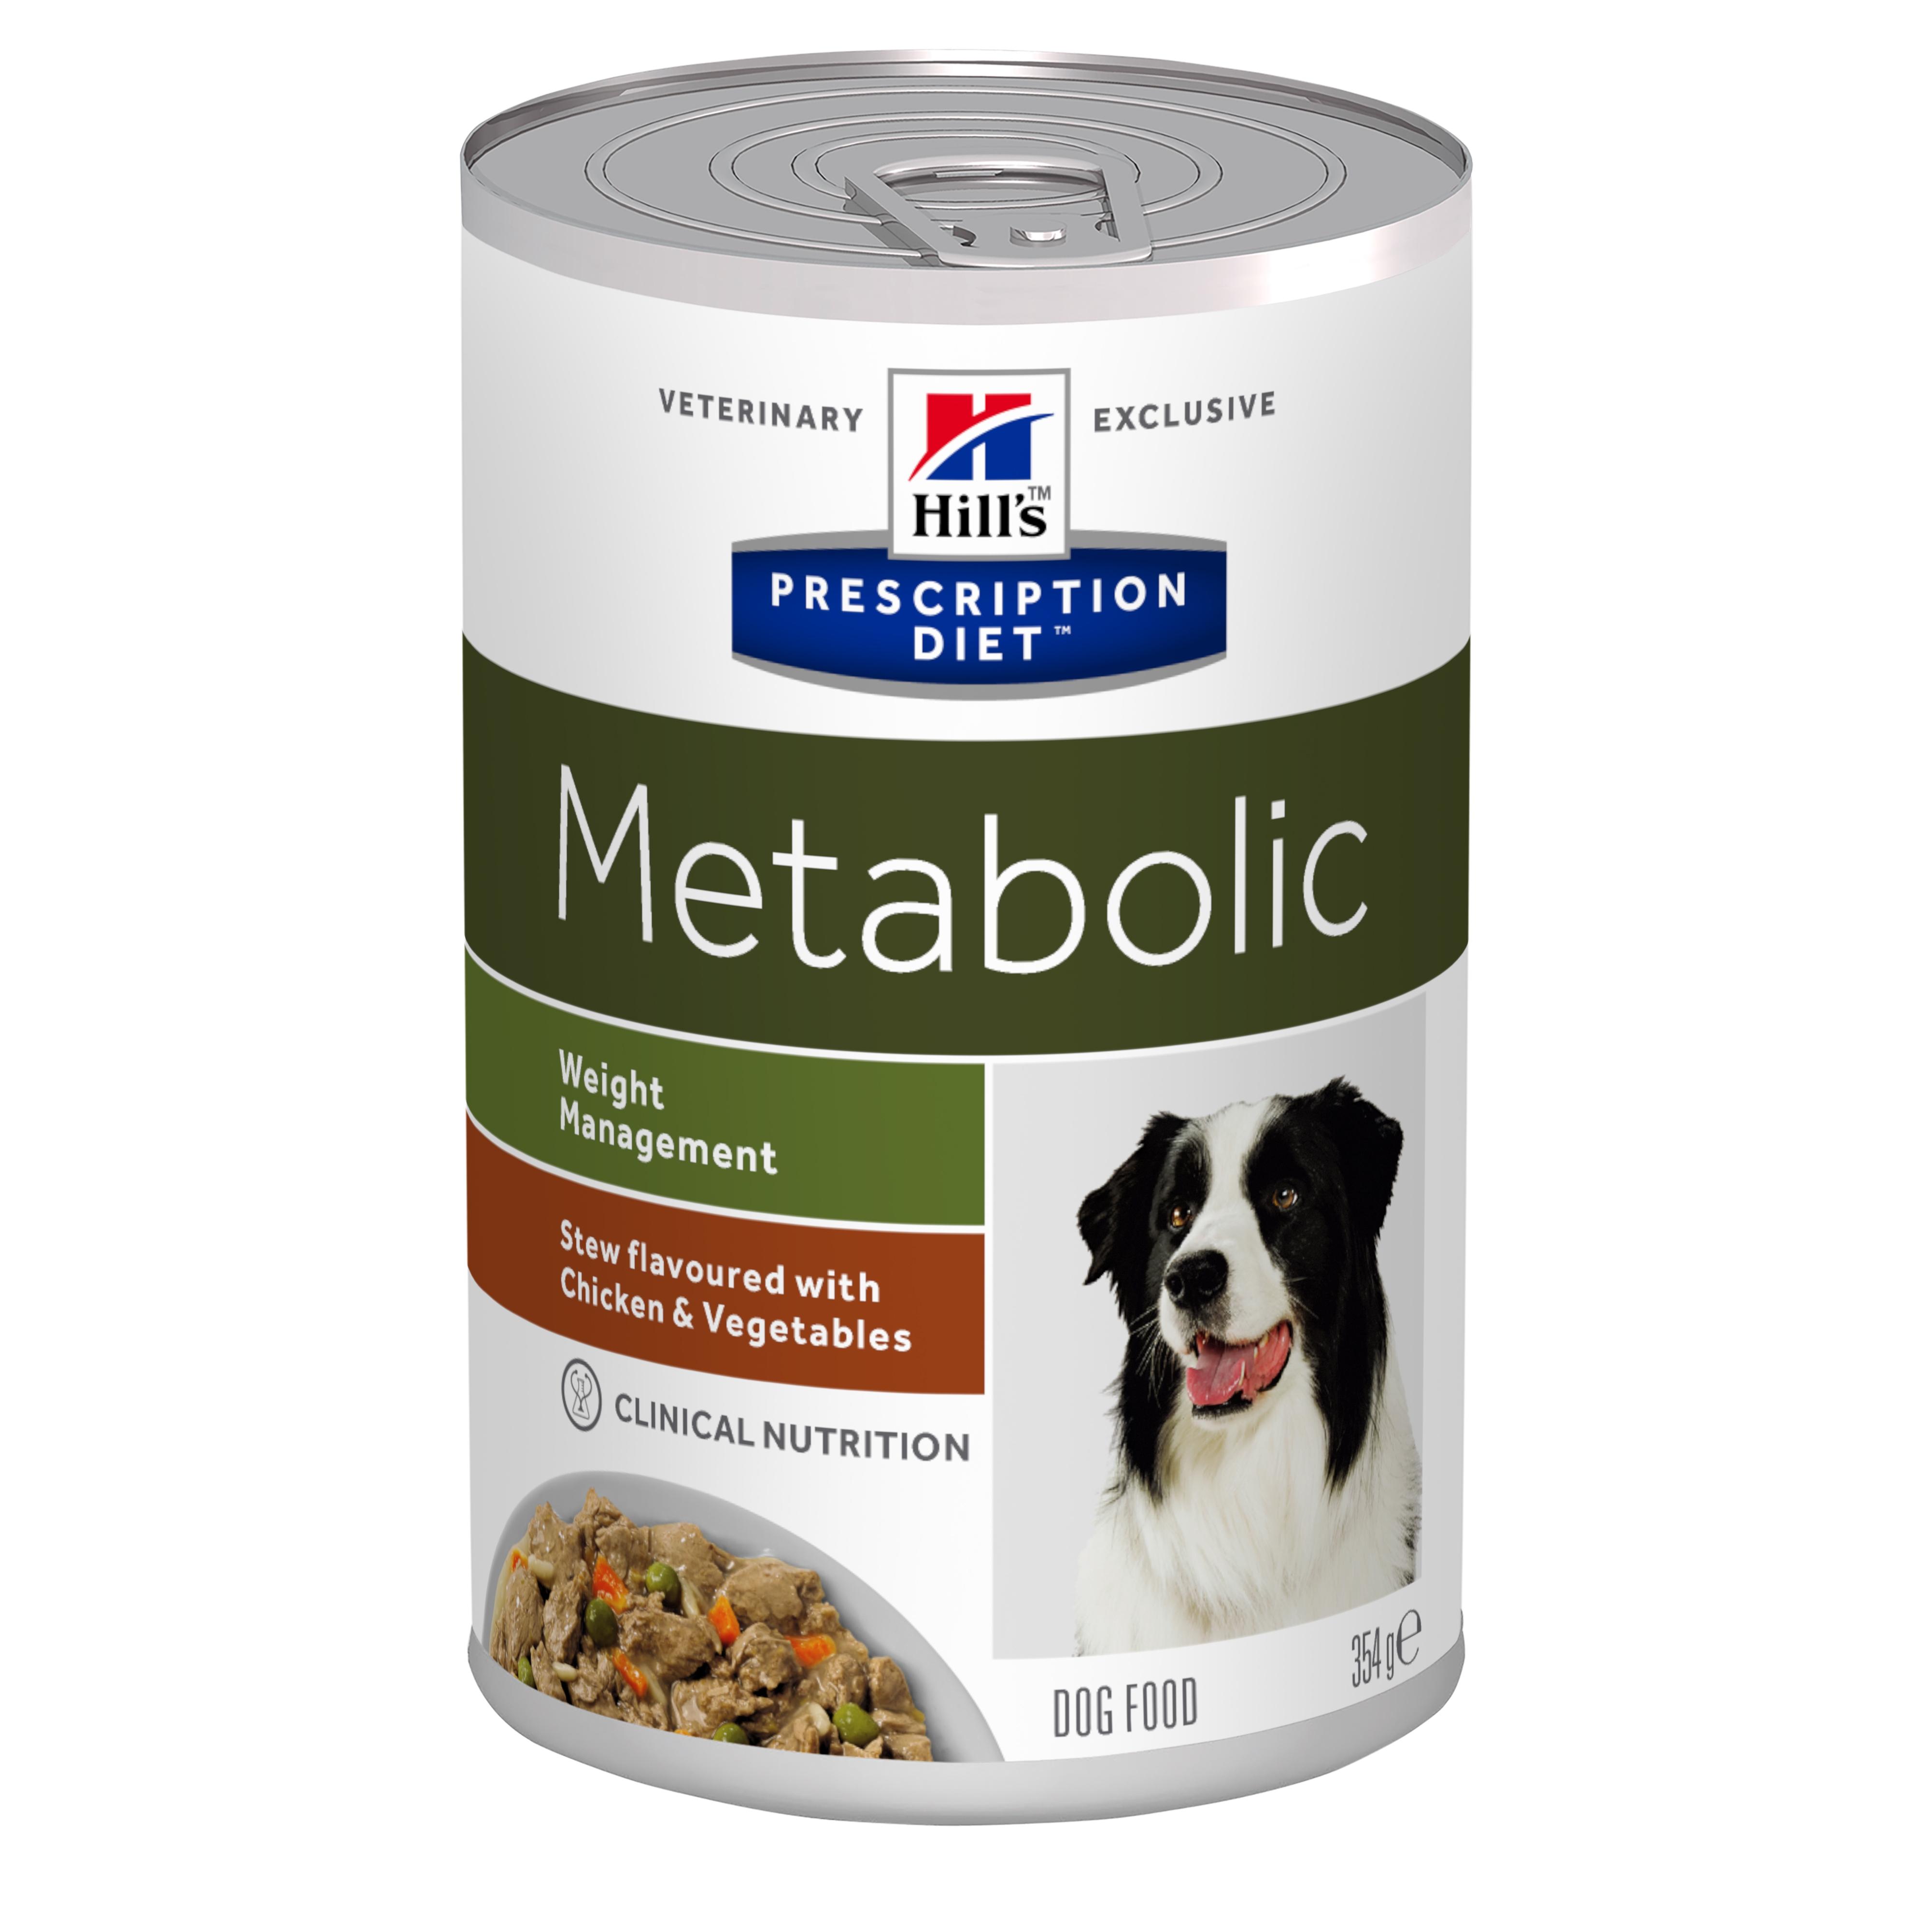 Hill's PD Metabolic hrană pentru câini cu pui și legume, 354 g imagine